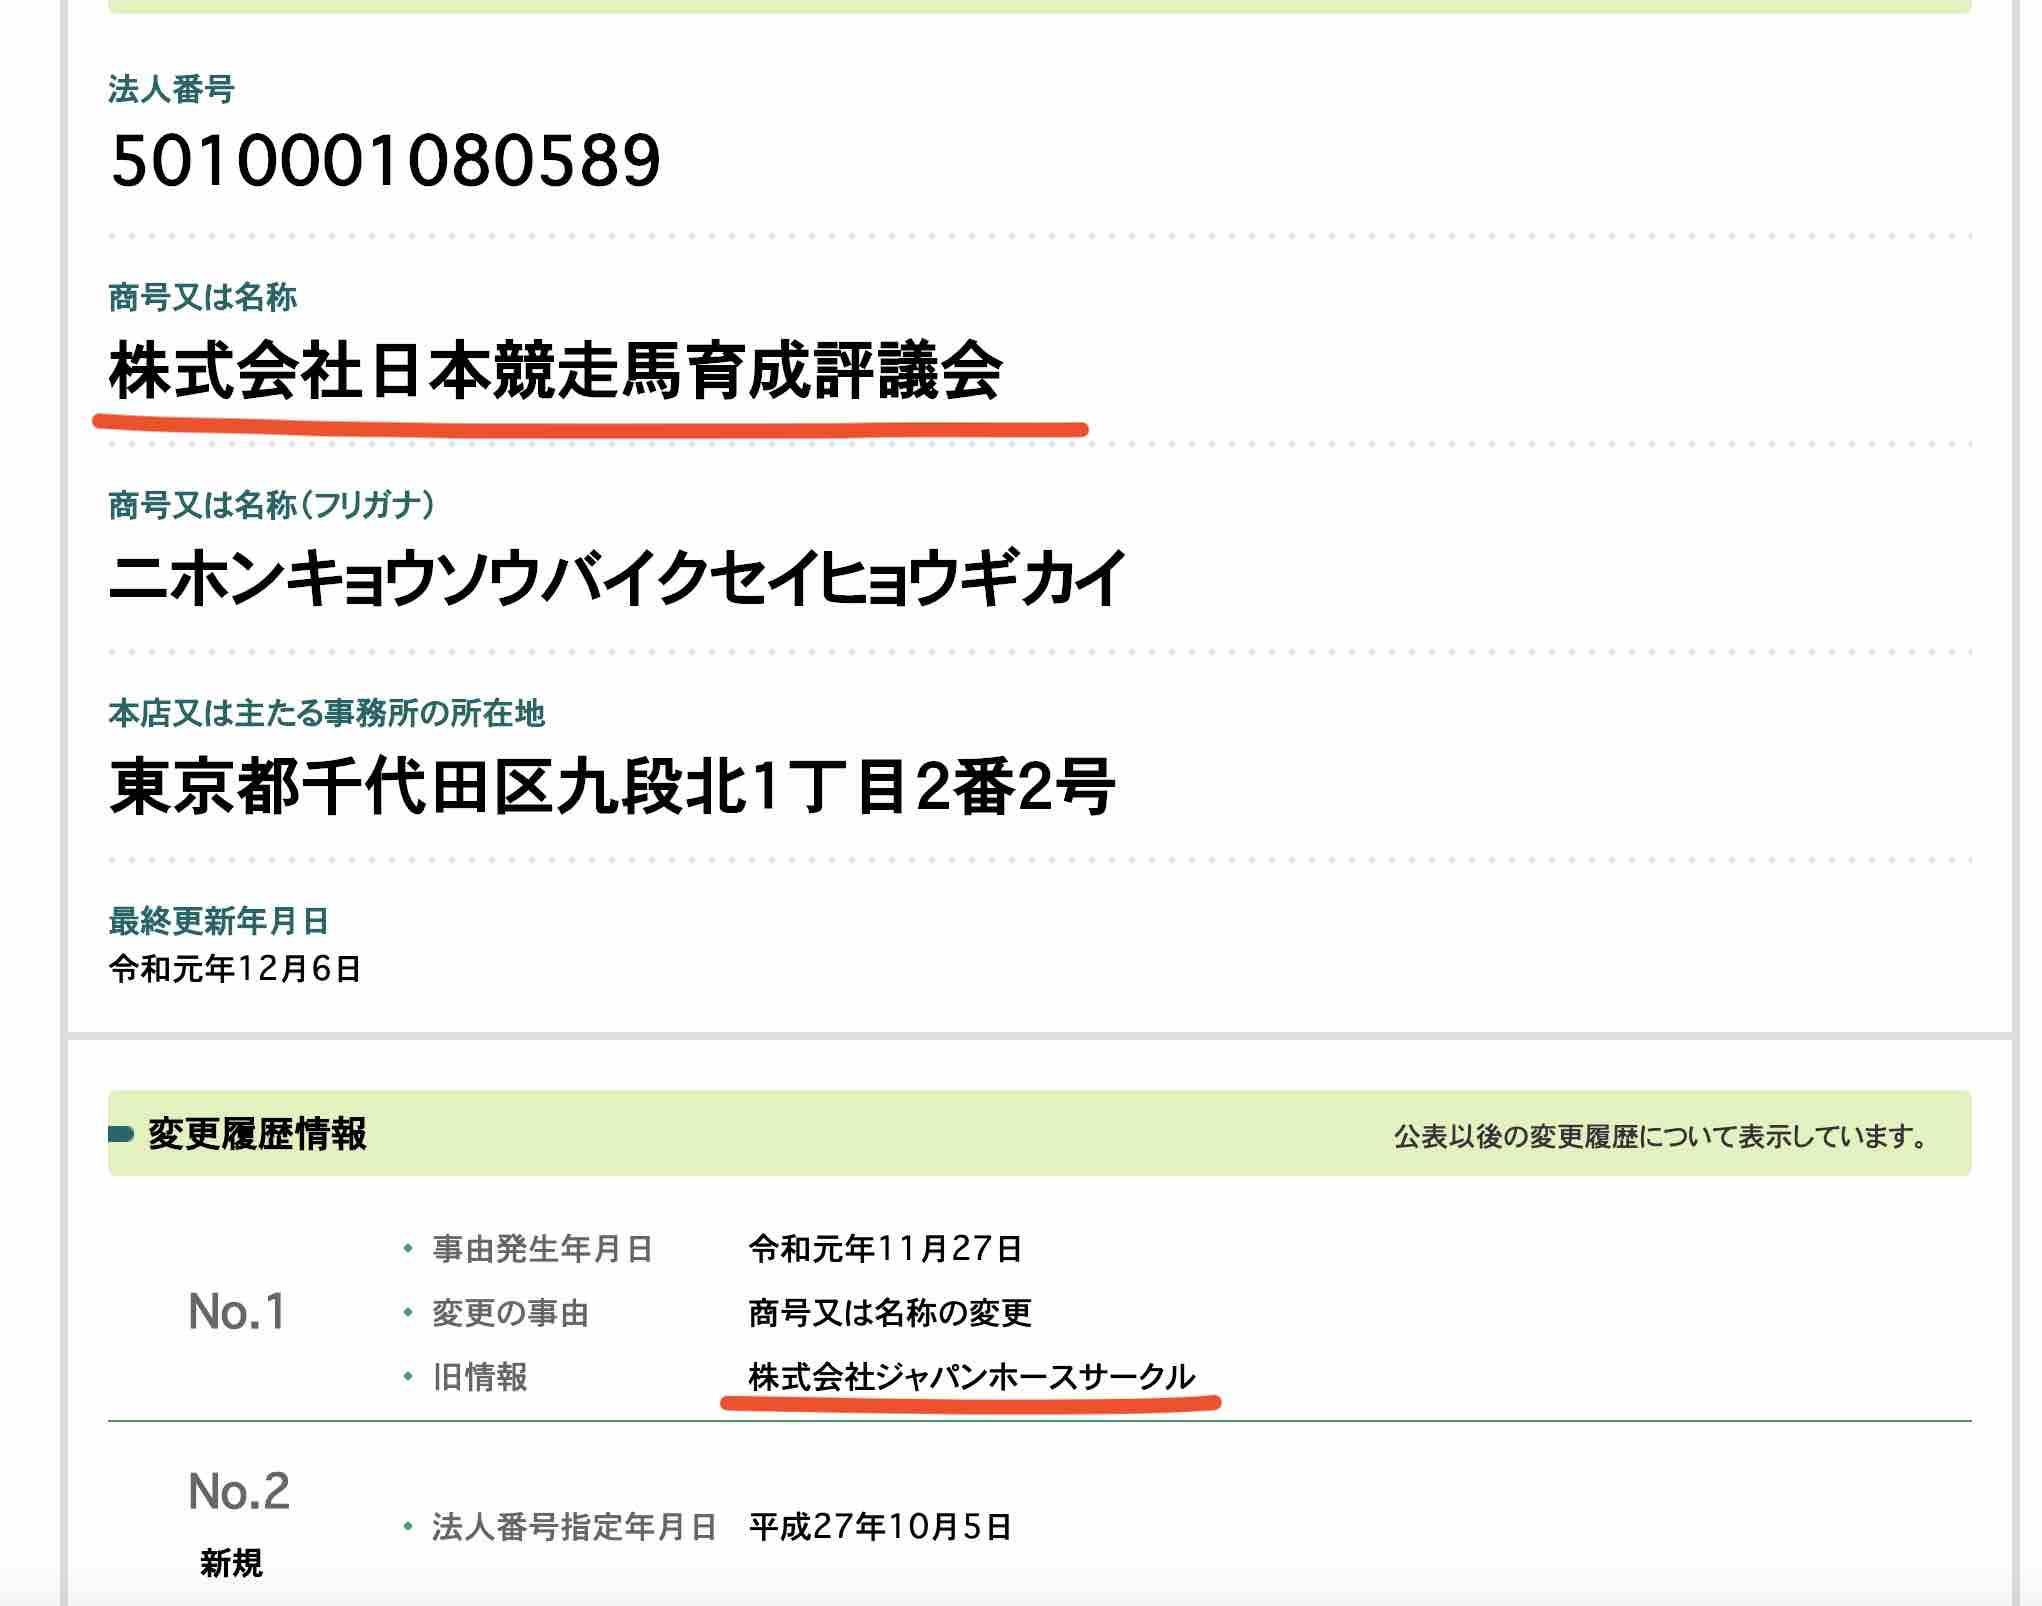 株式会社日本競走馬育成評議会の情報